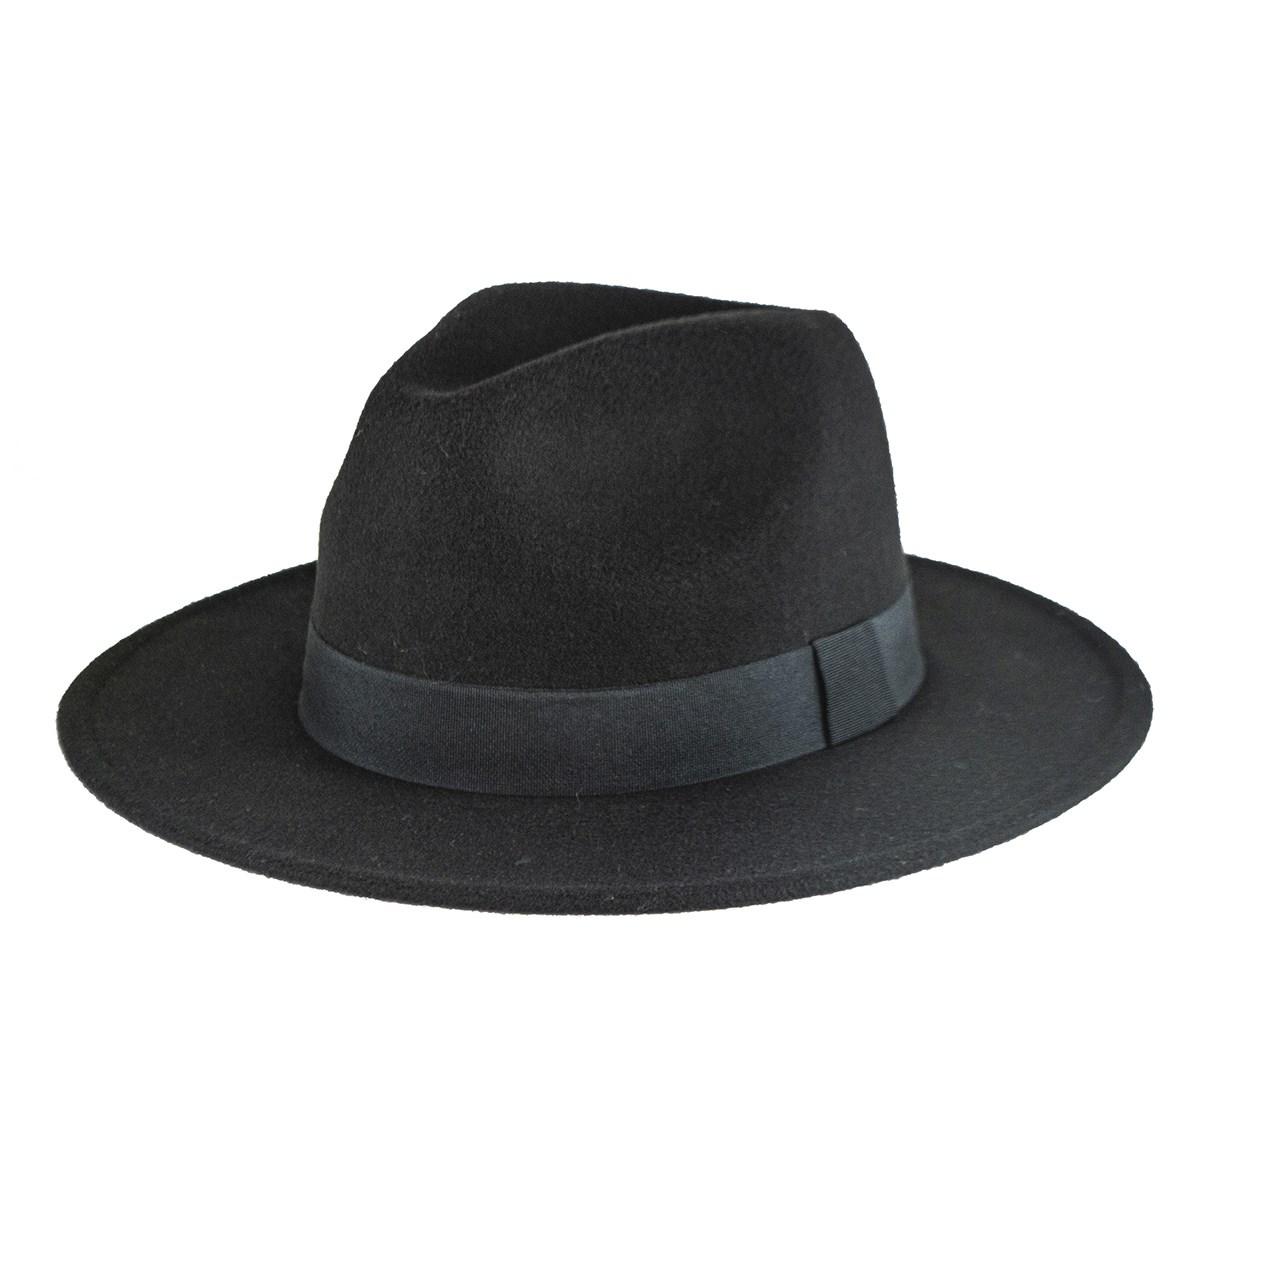 کلاه کابویی مردانه بای نت کد 1124